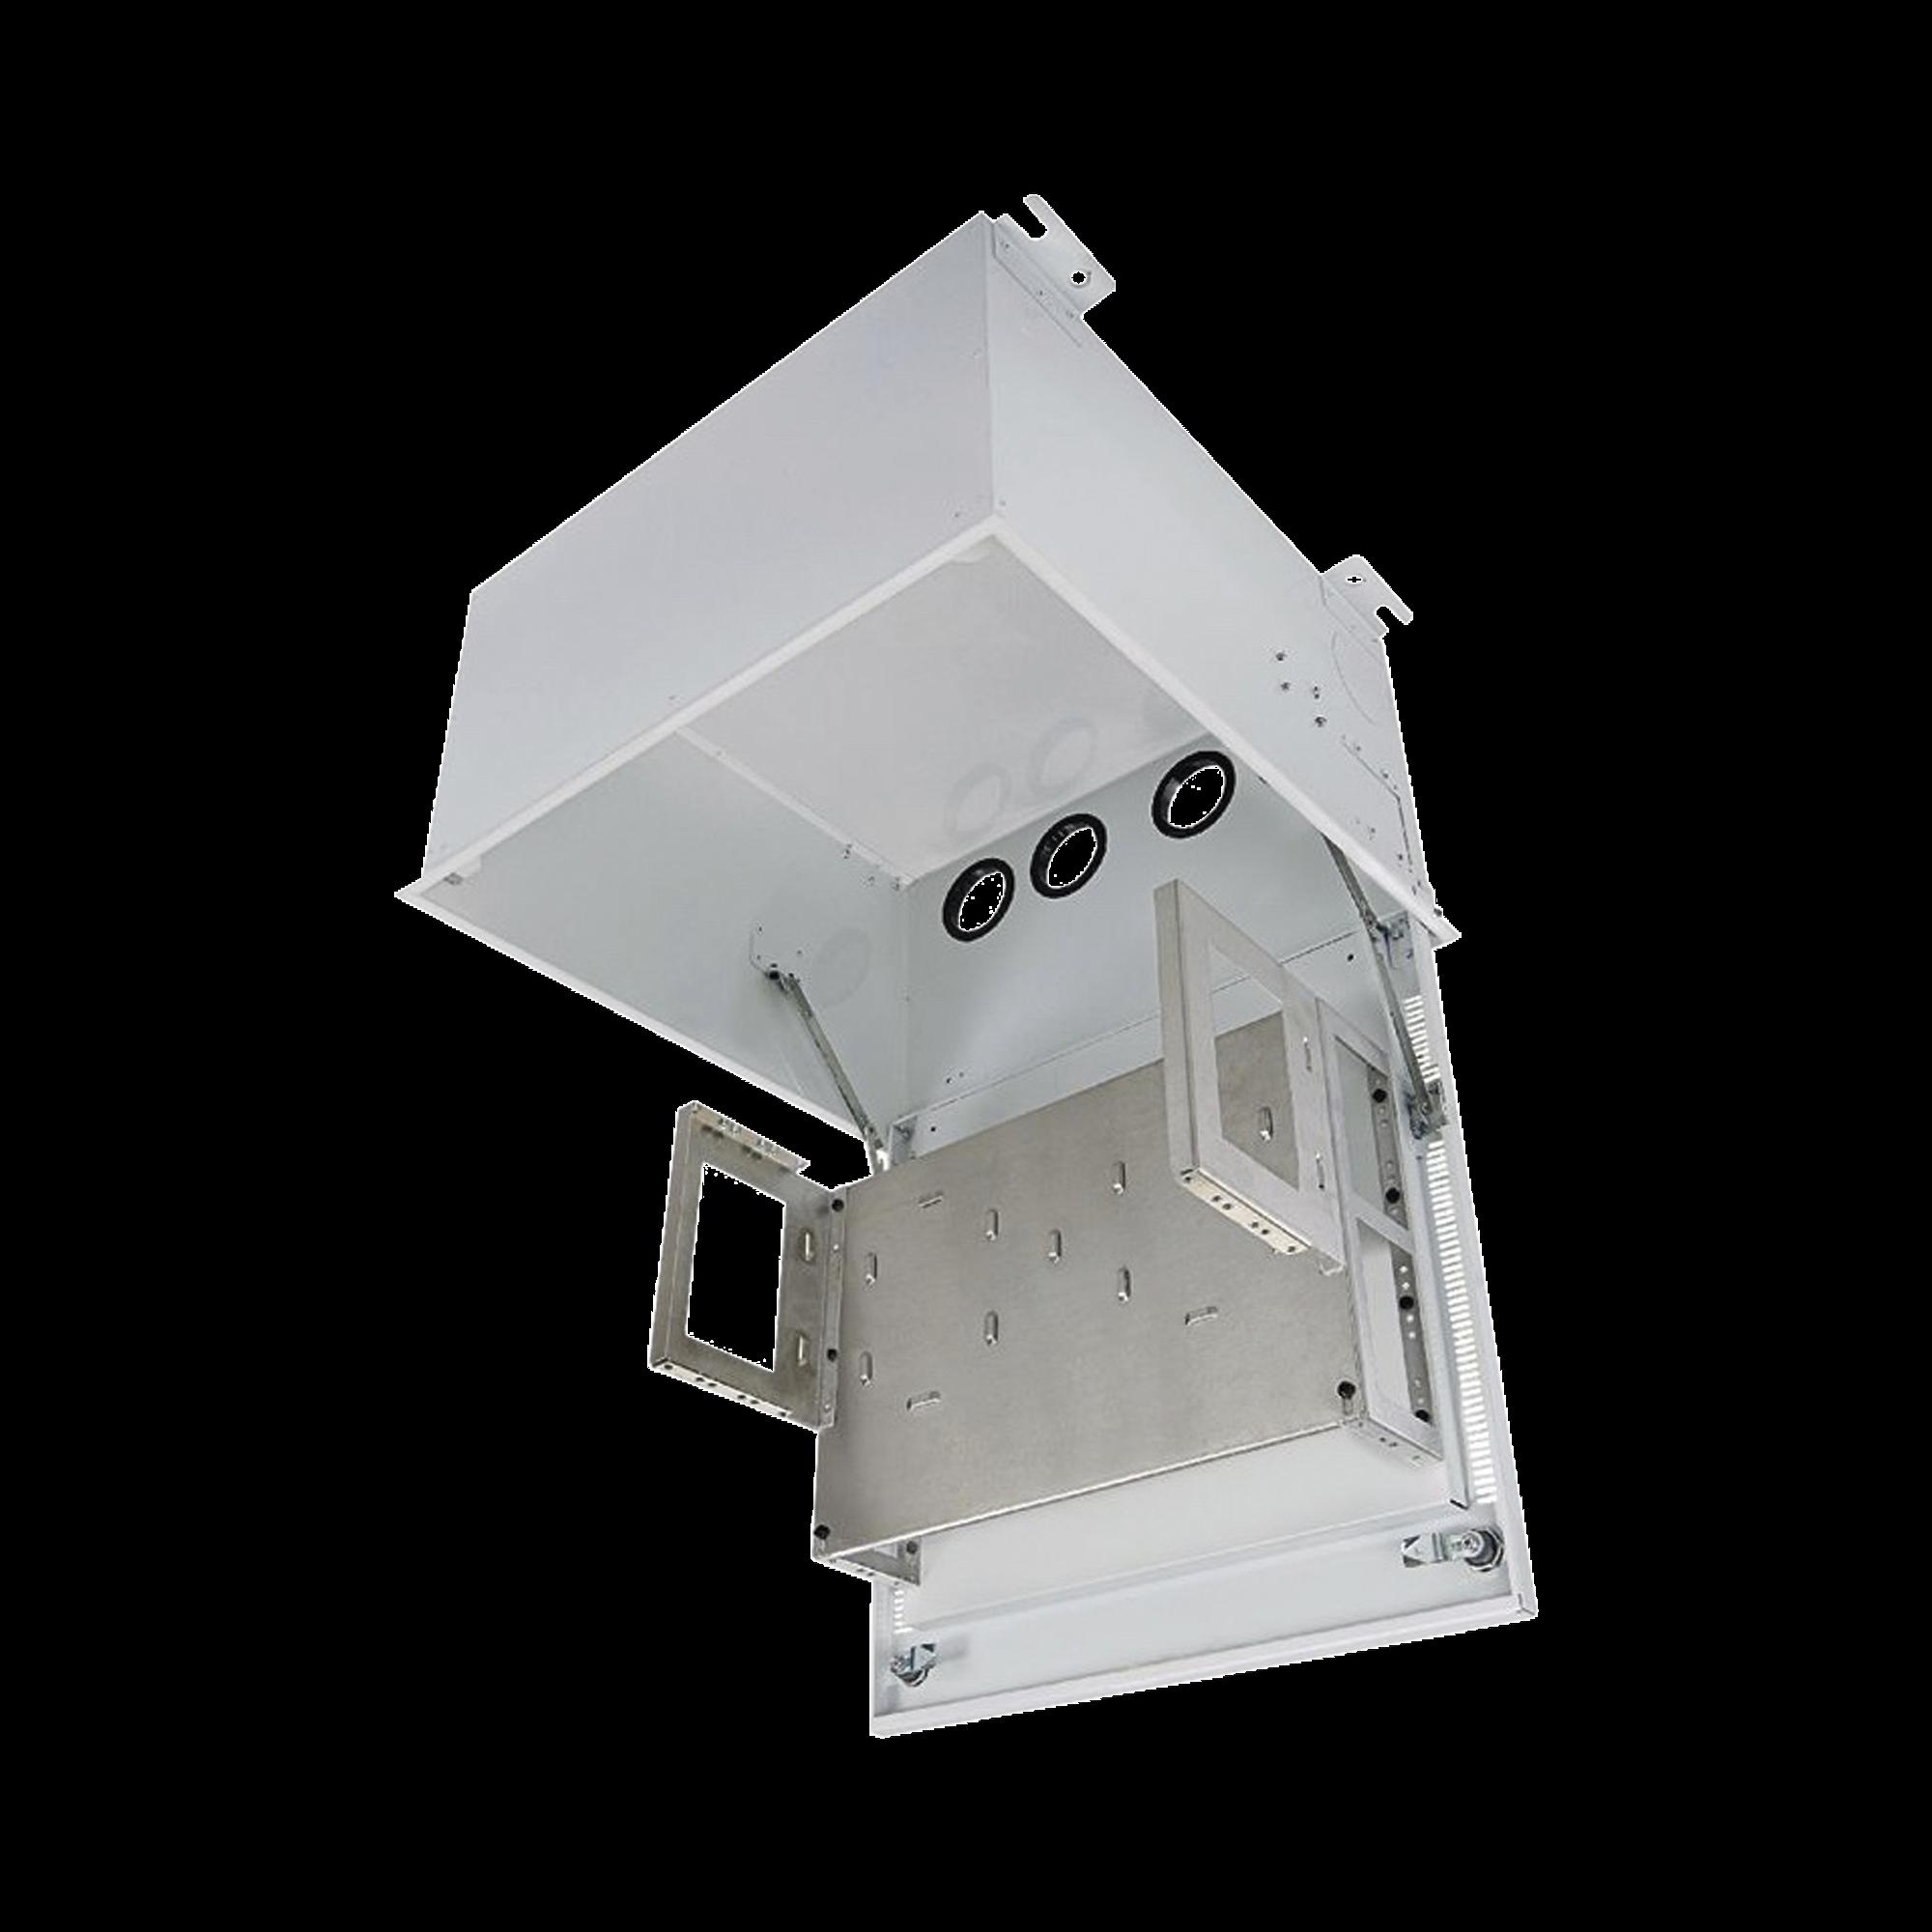 Gabinete PanZone Estandar, de Montaje en Techo, Con 8 UR Para Equipo Pasivo, Fabricado en Acero, Color Blanco